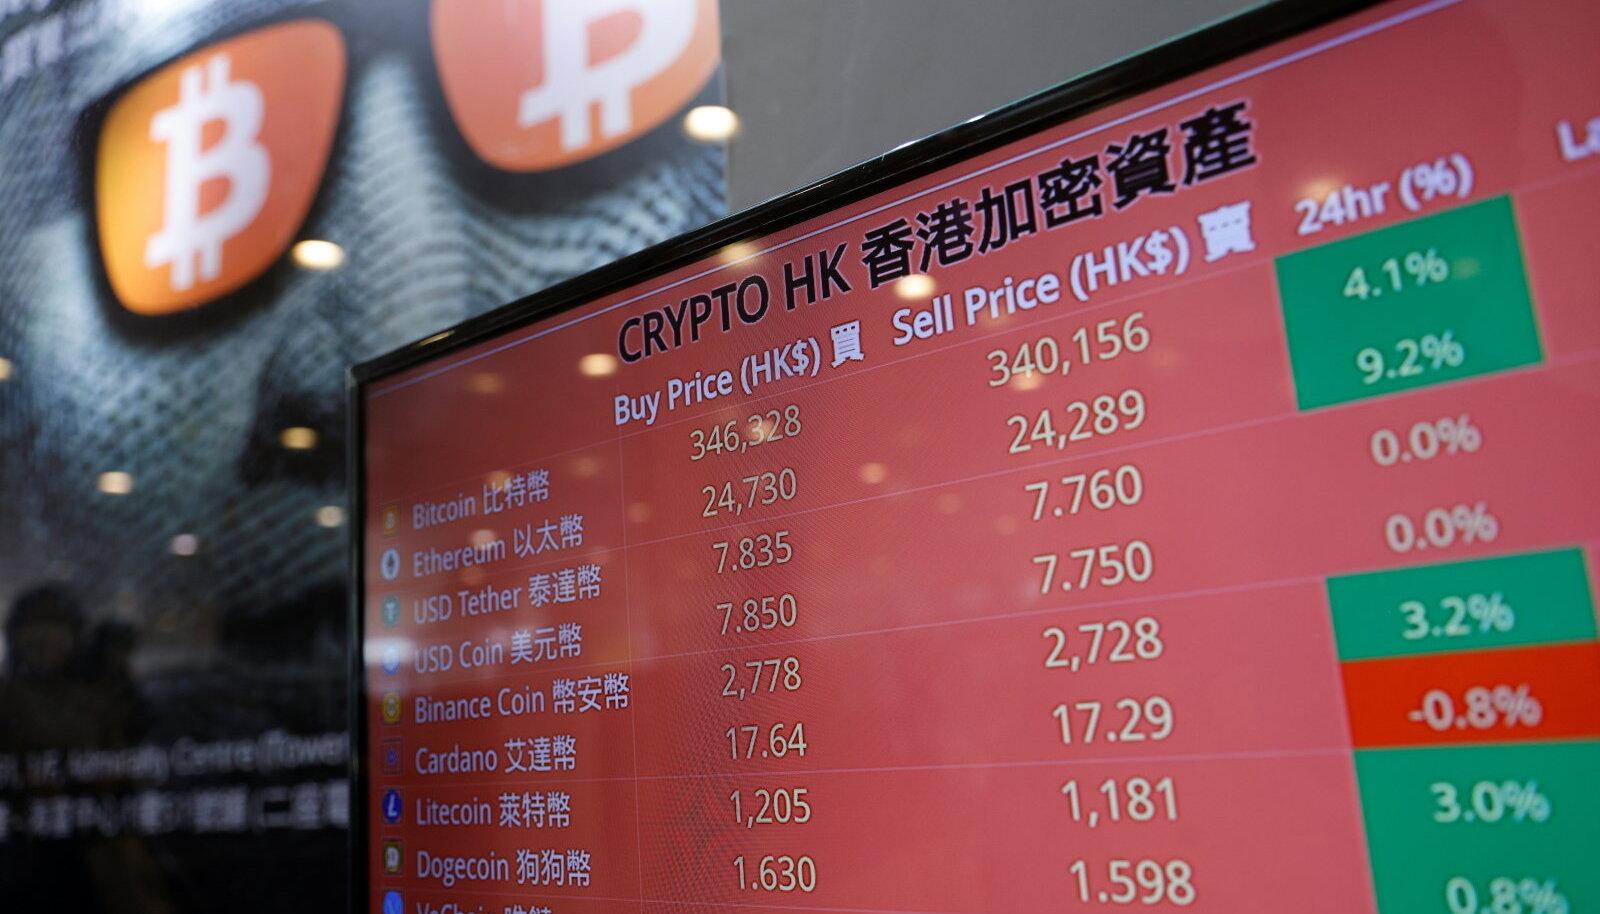 Foto on illustratiivne. Ekraanil on kuvatud krüptovaluutade hind Hong Kongis